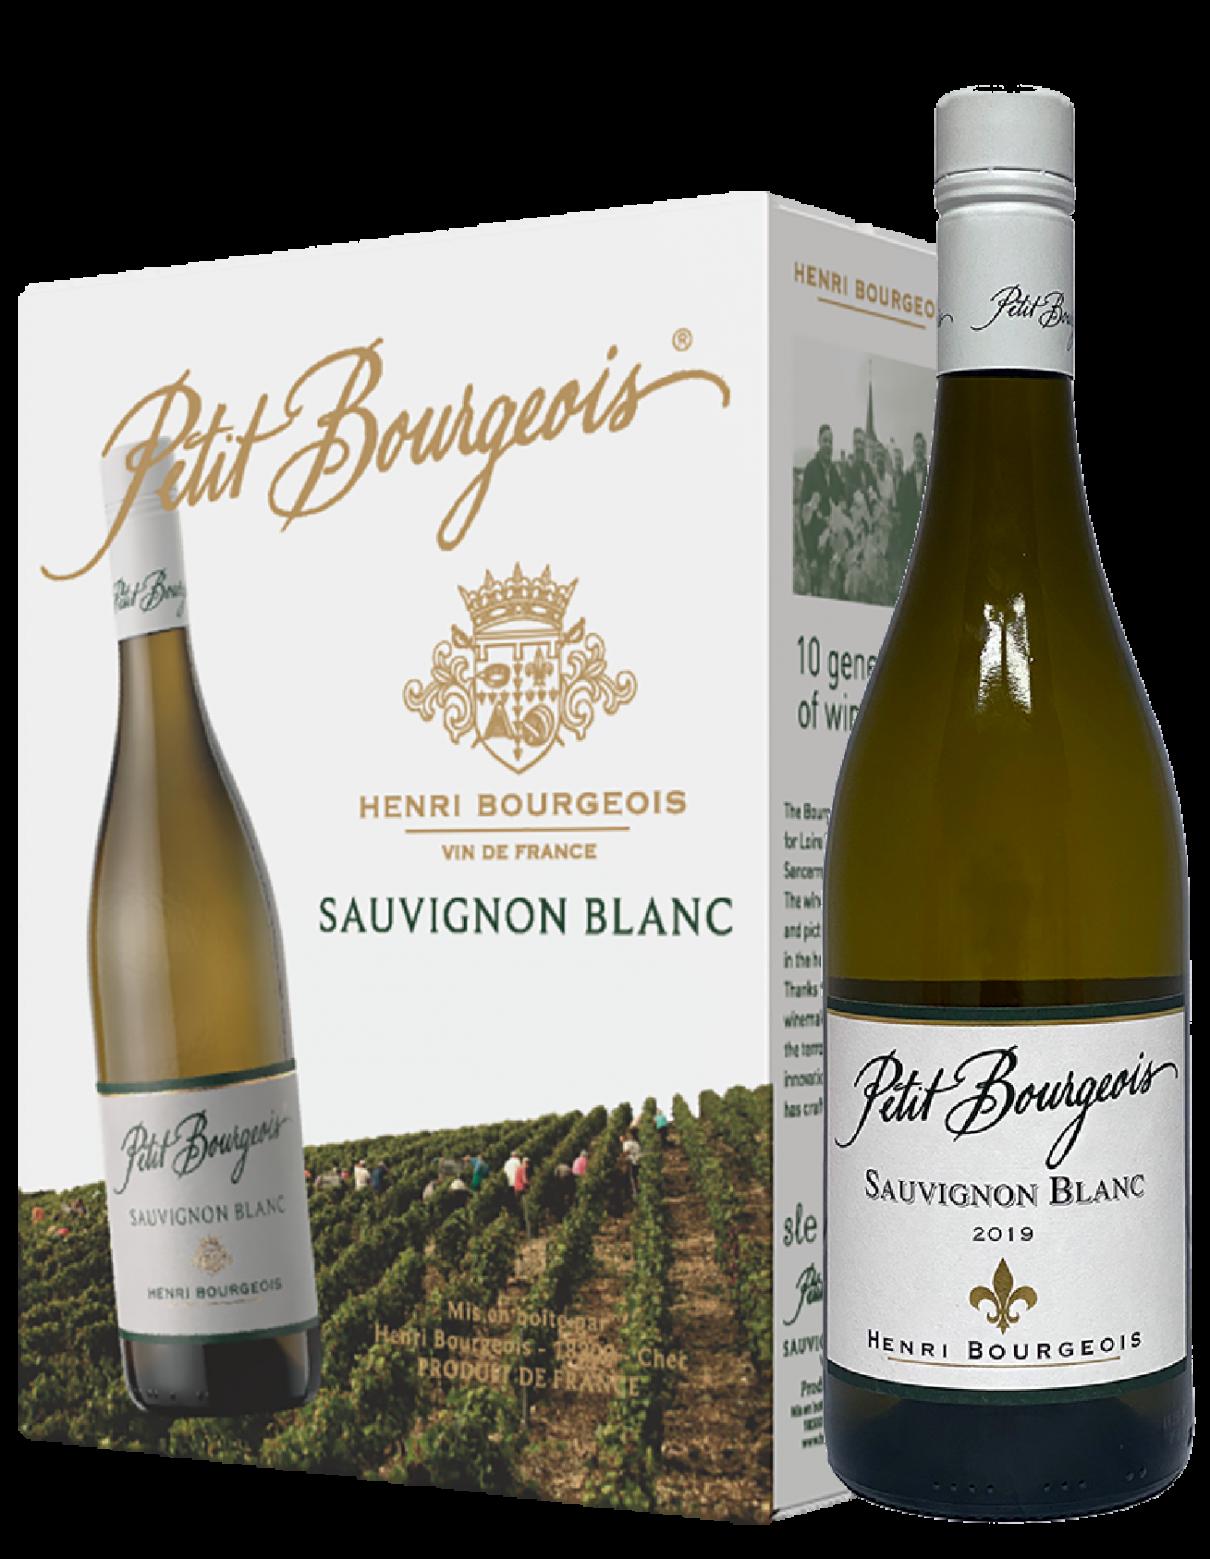 Petit Bourgeois Sauvignon Blanc BIB ja pullo artikkelikuva